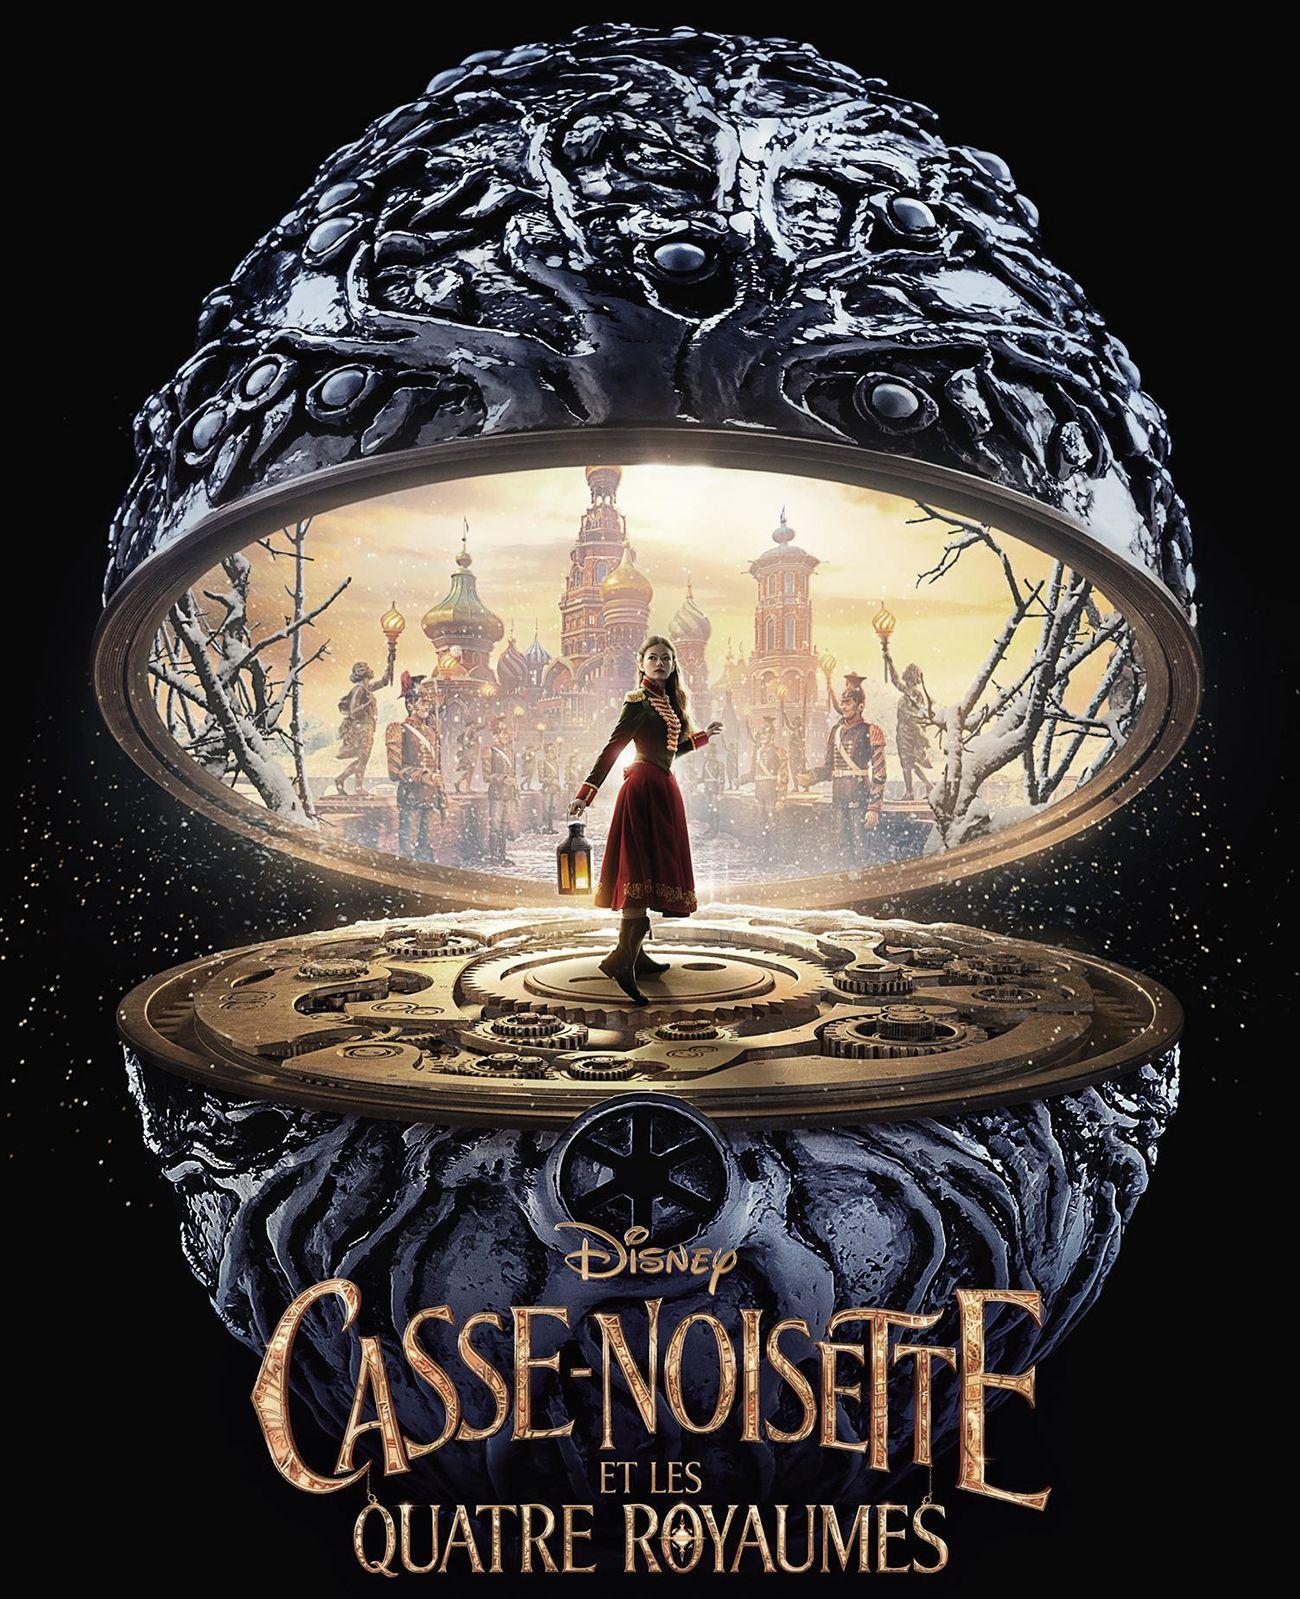 Epingle Par Kaounac Sur Noel Casse Noisette Film De Noel Film Fantastique